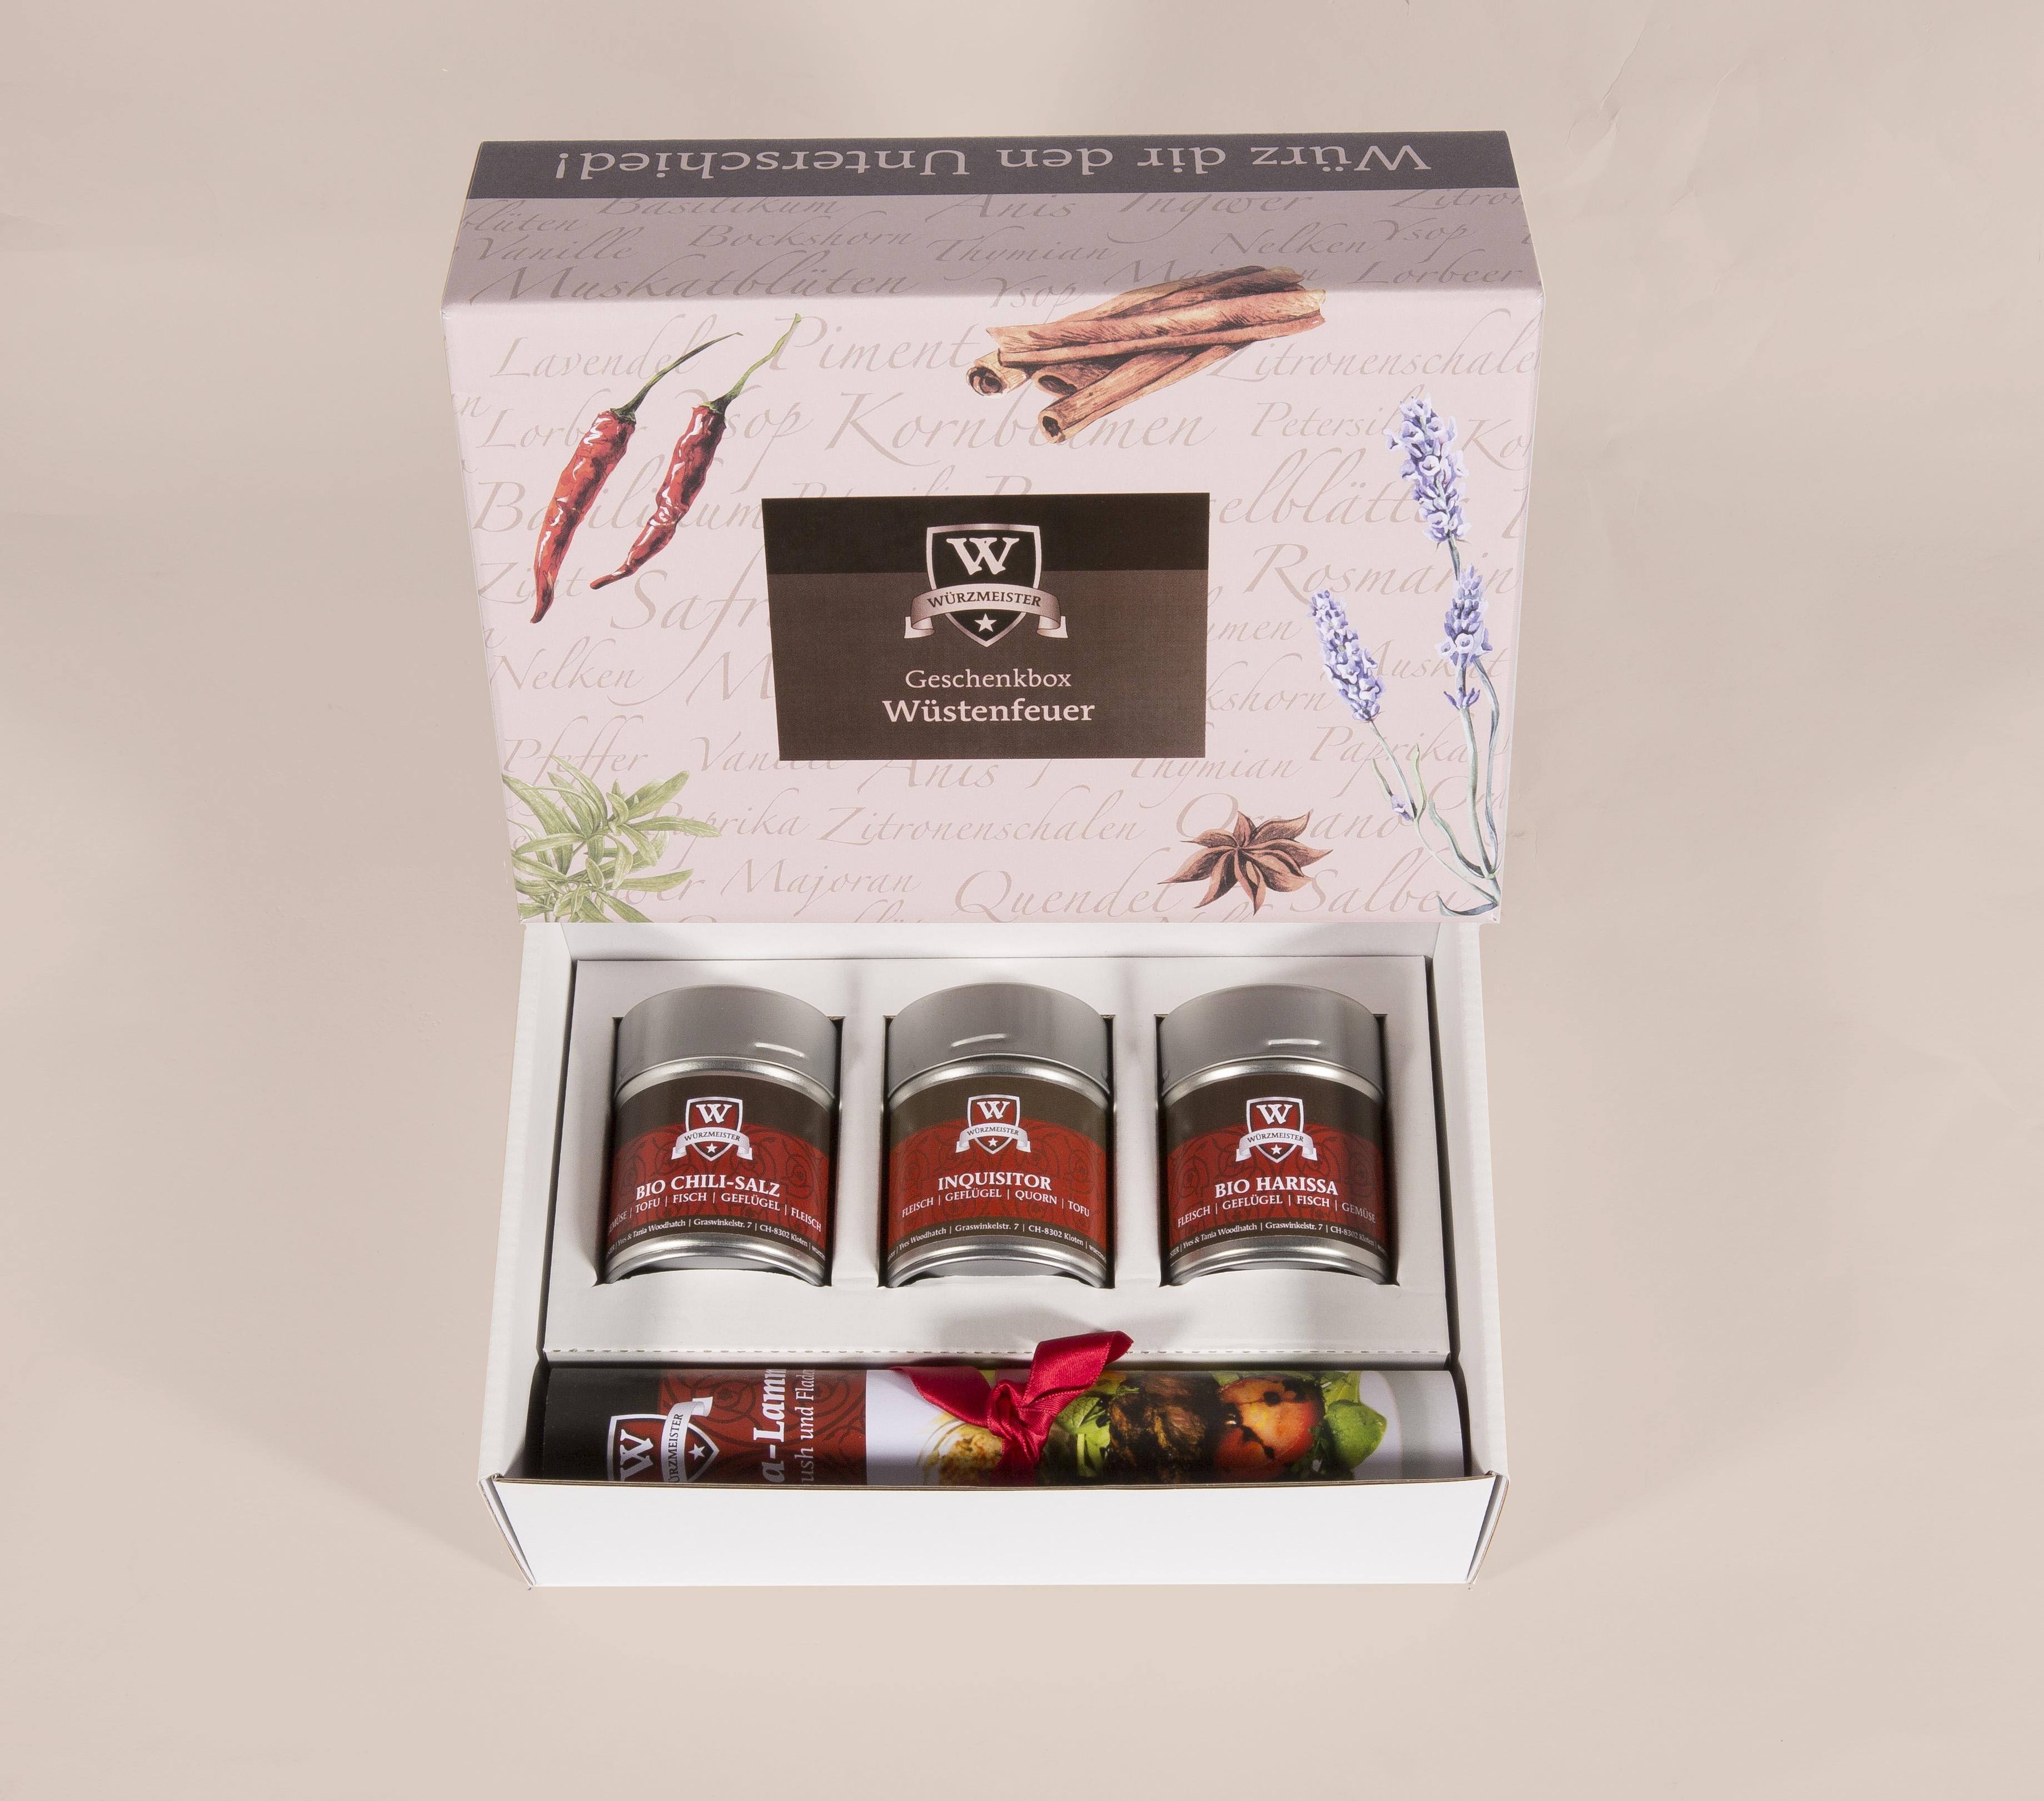 Bild mit der Geschenkbox Wüstenfeuer. Sie beinhaltet 3 Dosen mit den Gewürzmischungen Bio Chili-Salz, Inquisitor und Bio Harissa. Dabei ist ein passendes Rezept.